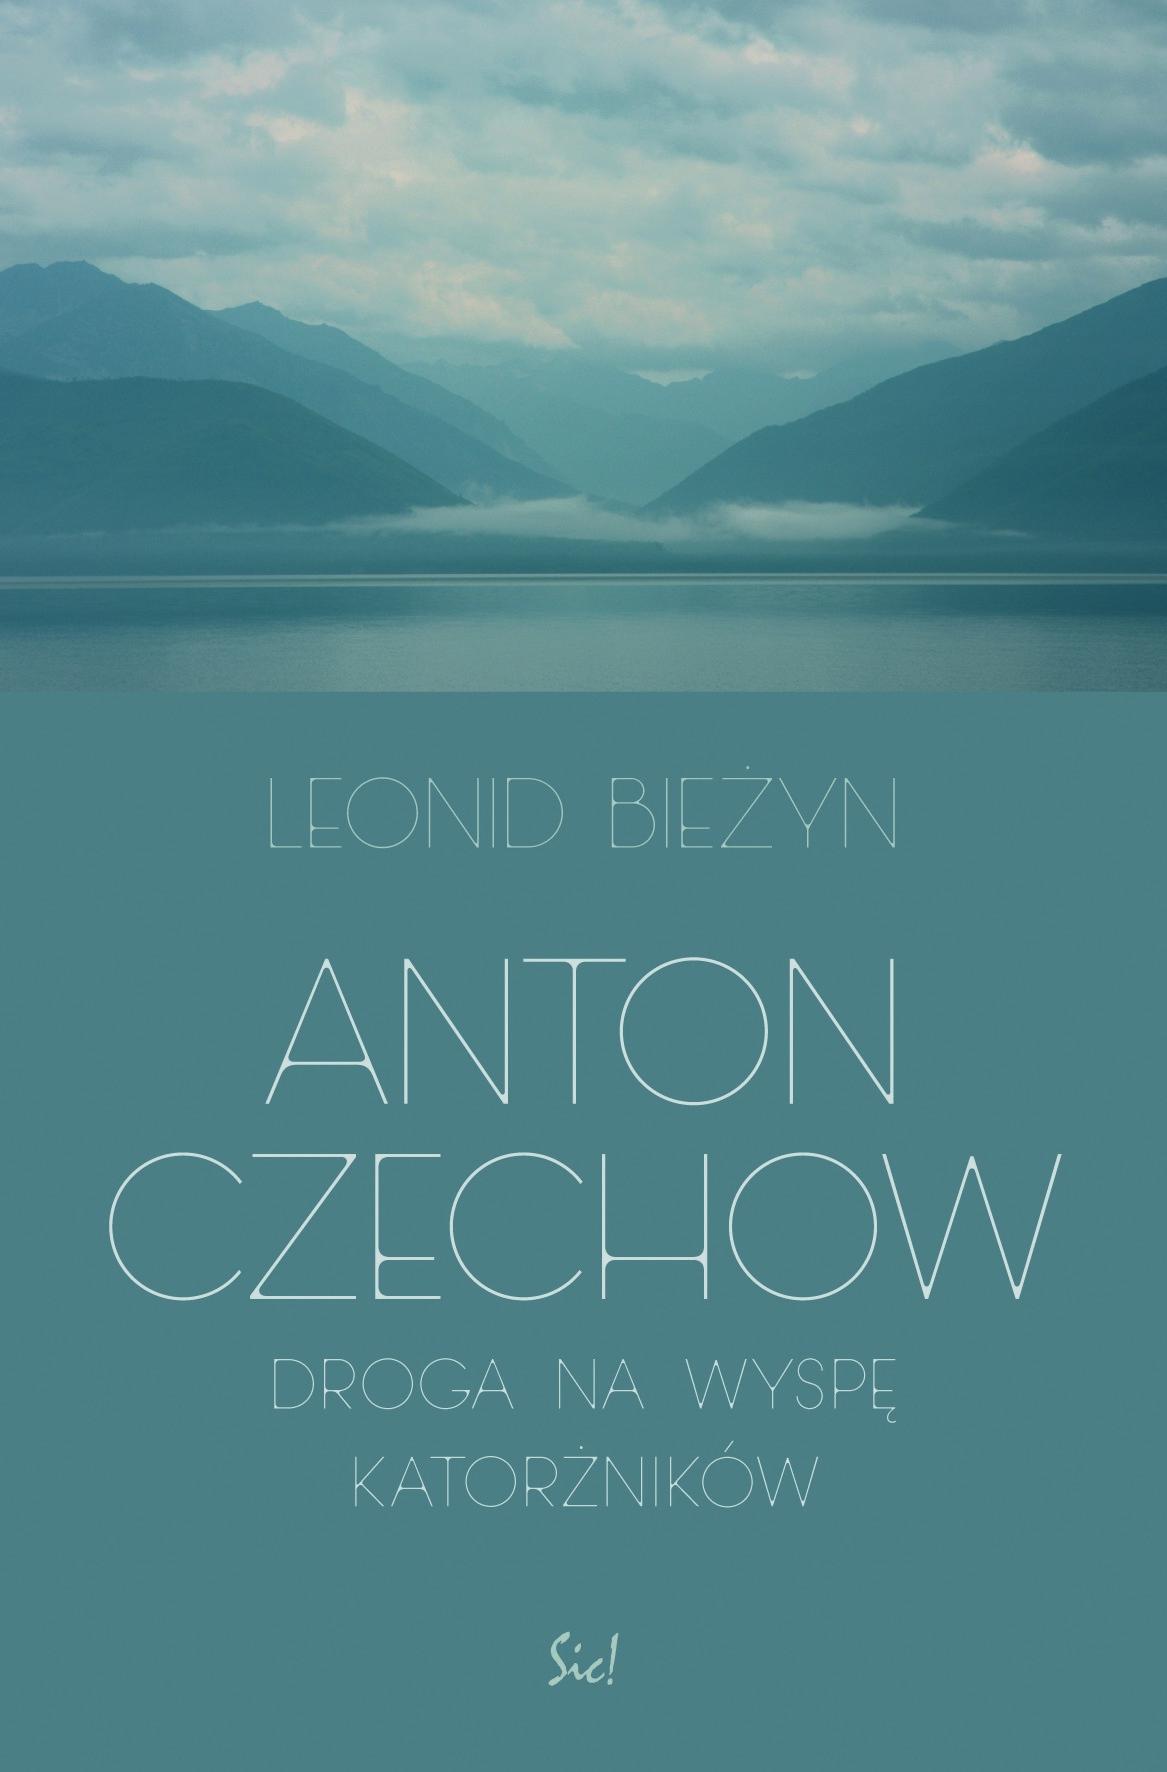 """Leonid Bieżyn, """"Anton Czechow. Wyprawa na wyspę katorżników"""" – okładka (źródło: materiały prasowe wydawcy)"""